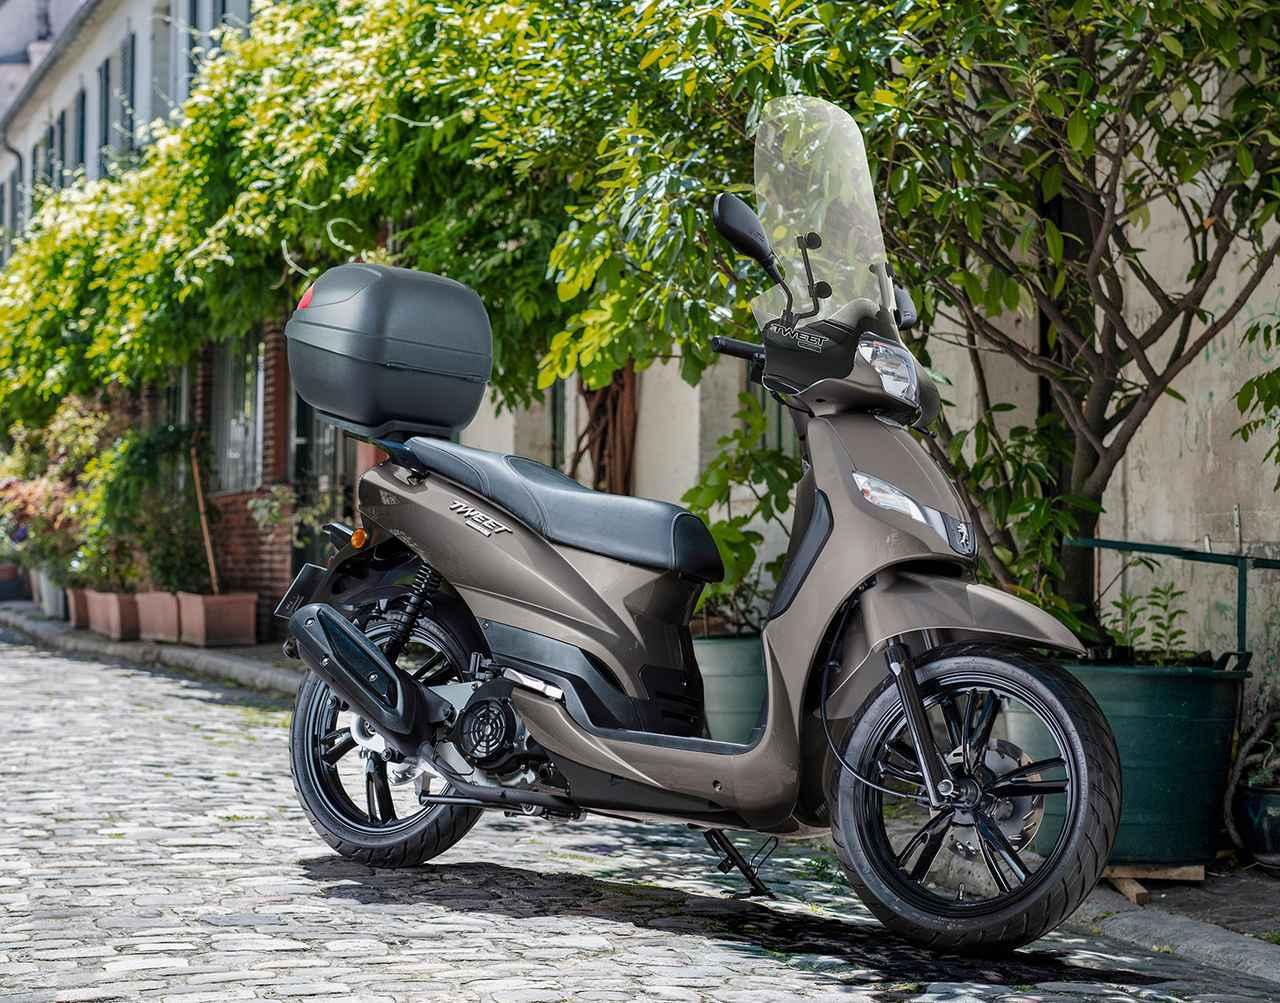 画像: これで20万円台!? トップケース&スクリーンも装備したプジョー「ツイート 150 ABS スペシャルエディション」 - webオートバイ